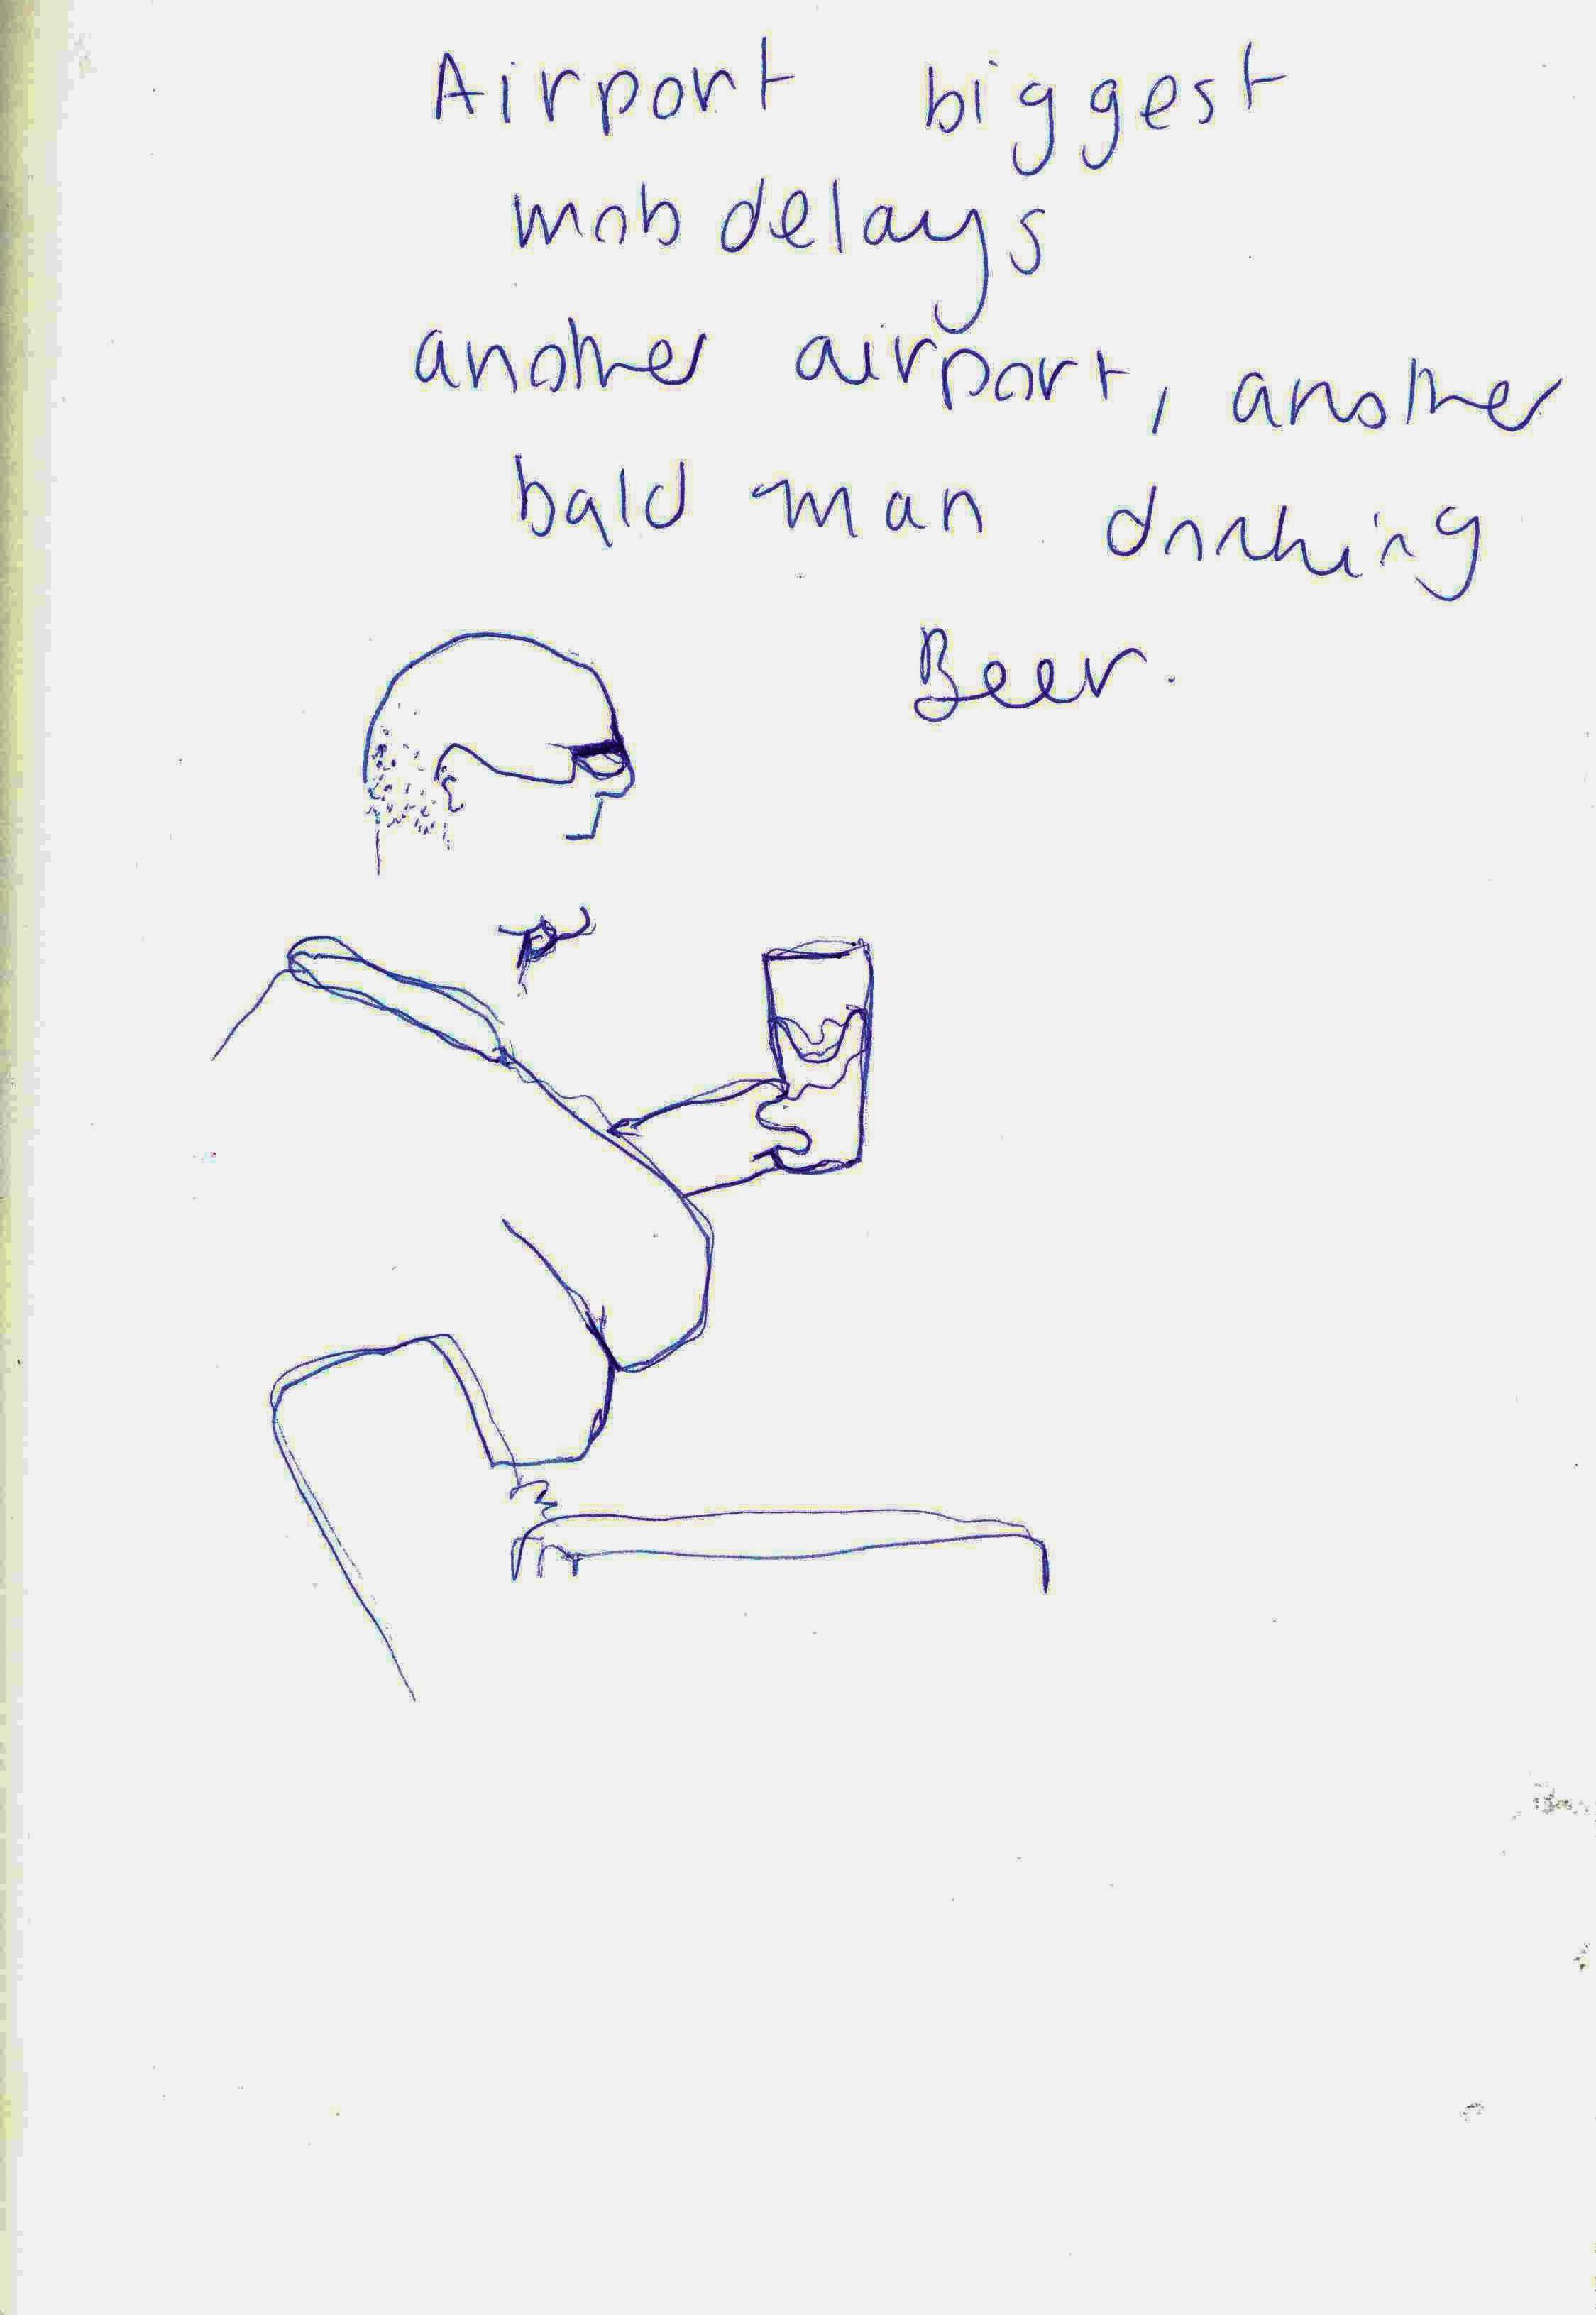 man drinking at airport .jpg